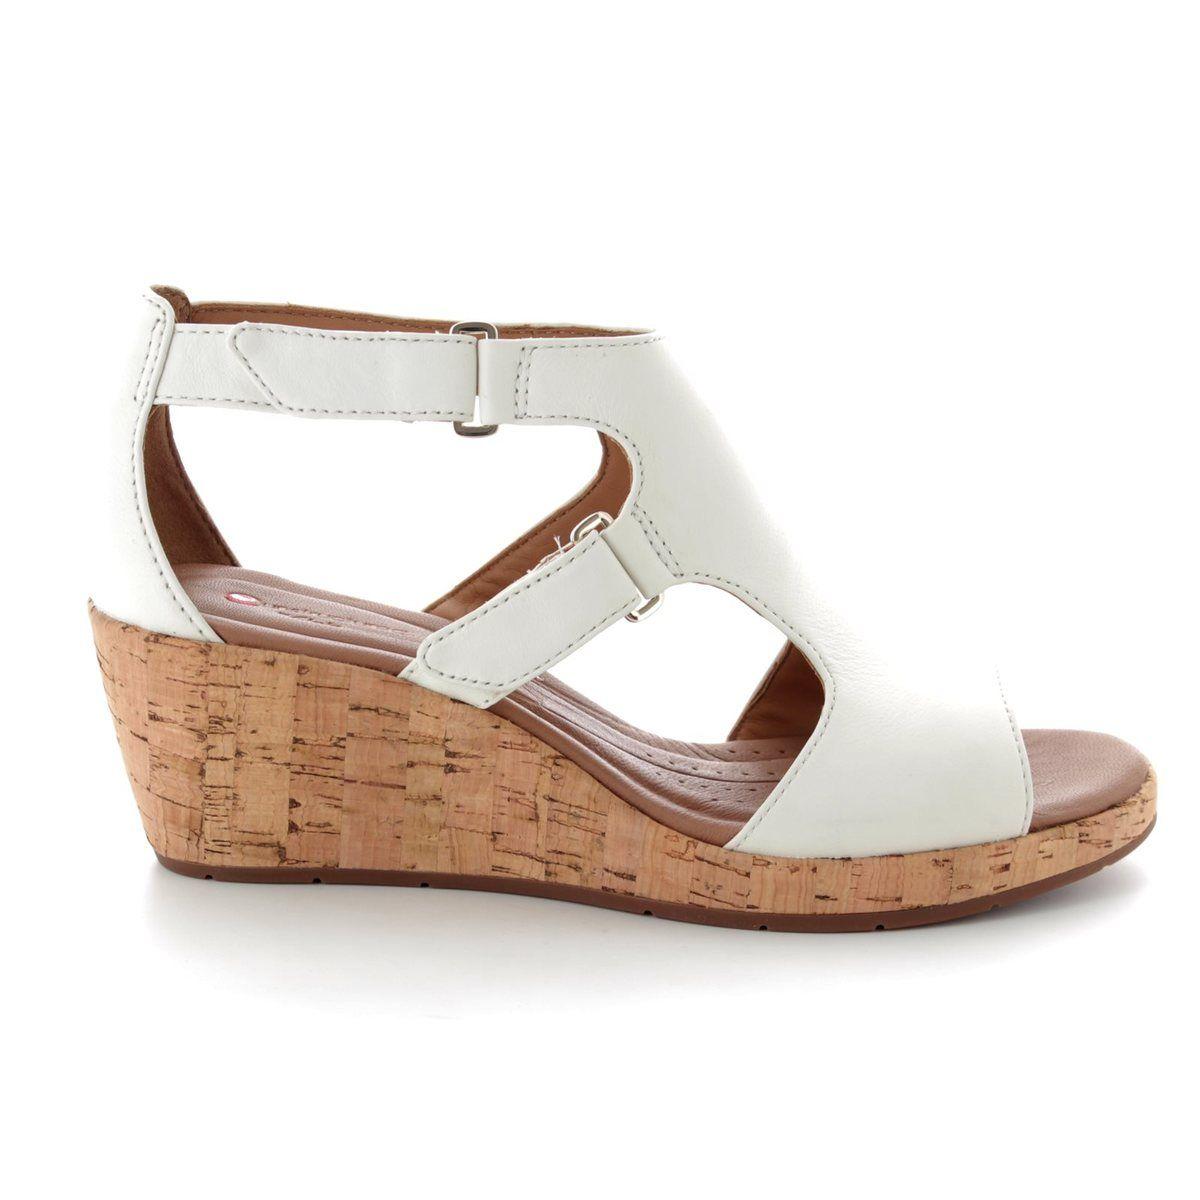 37c24a118c3 Clarks Wedge Sandals - White - 3326 54D UN PLAZA STRAP